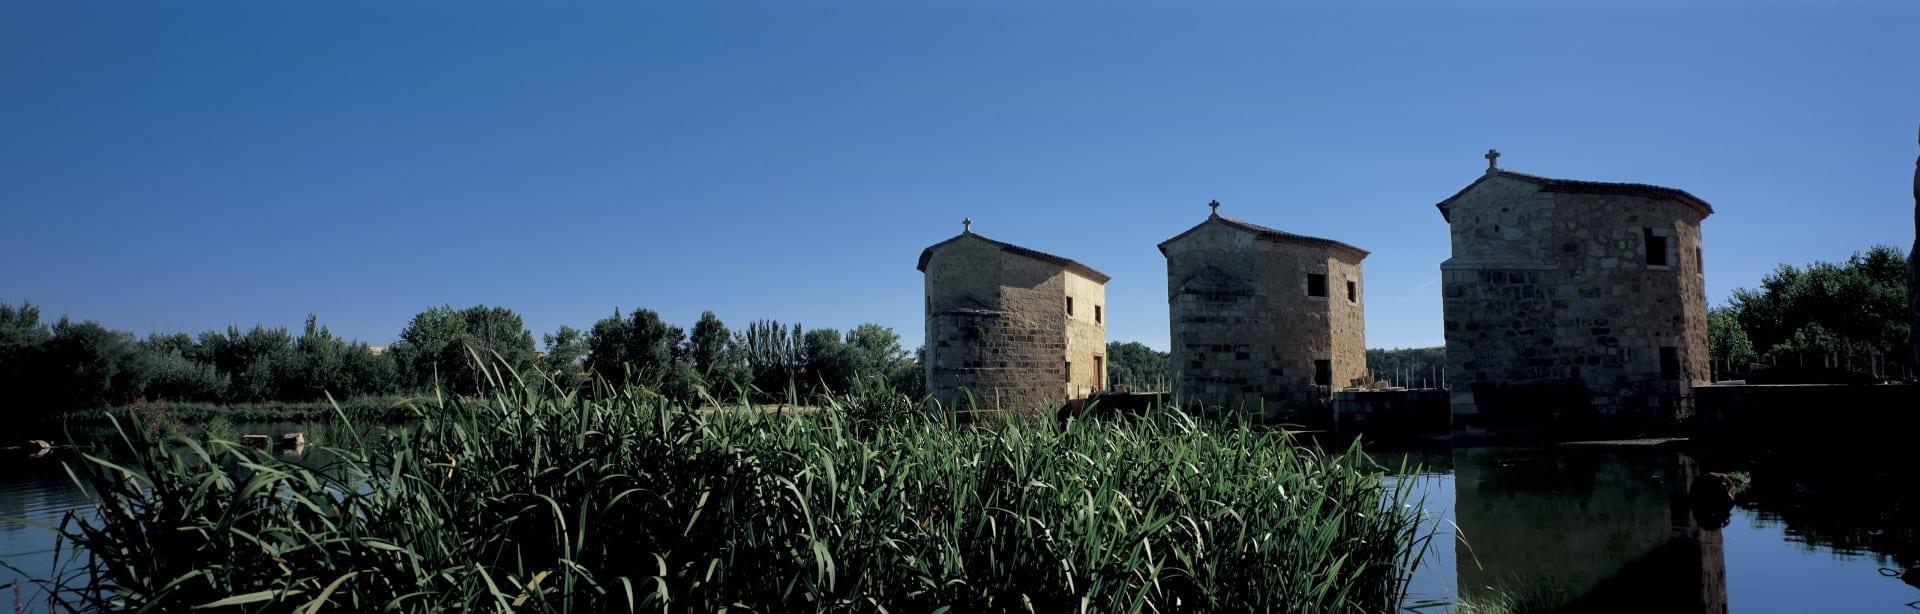 Watermills Aceñas de Olivares Zamora España